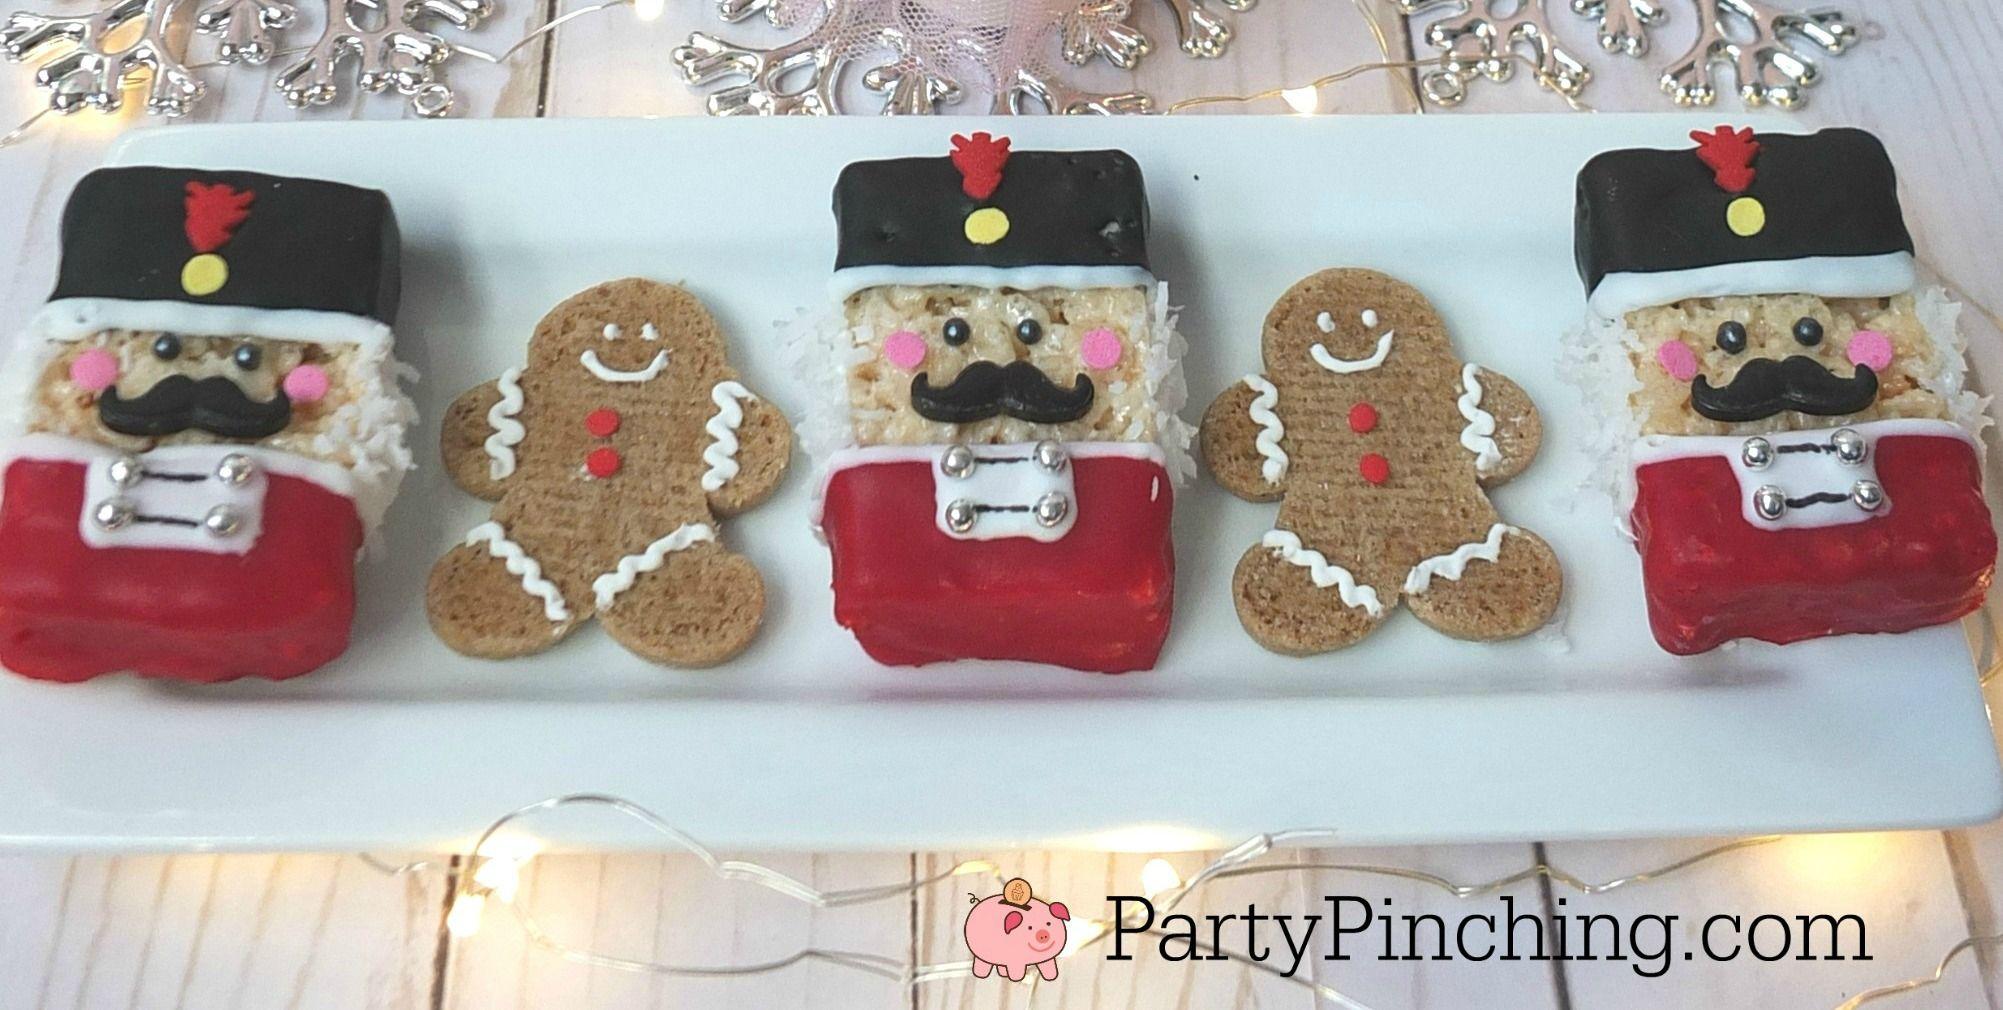 Pez Candy Ballerina Slipper Cookies Ballerina Slipper Cookies